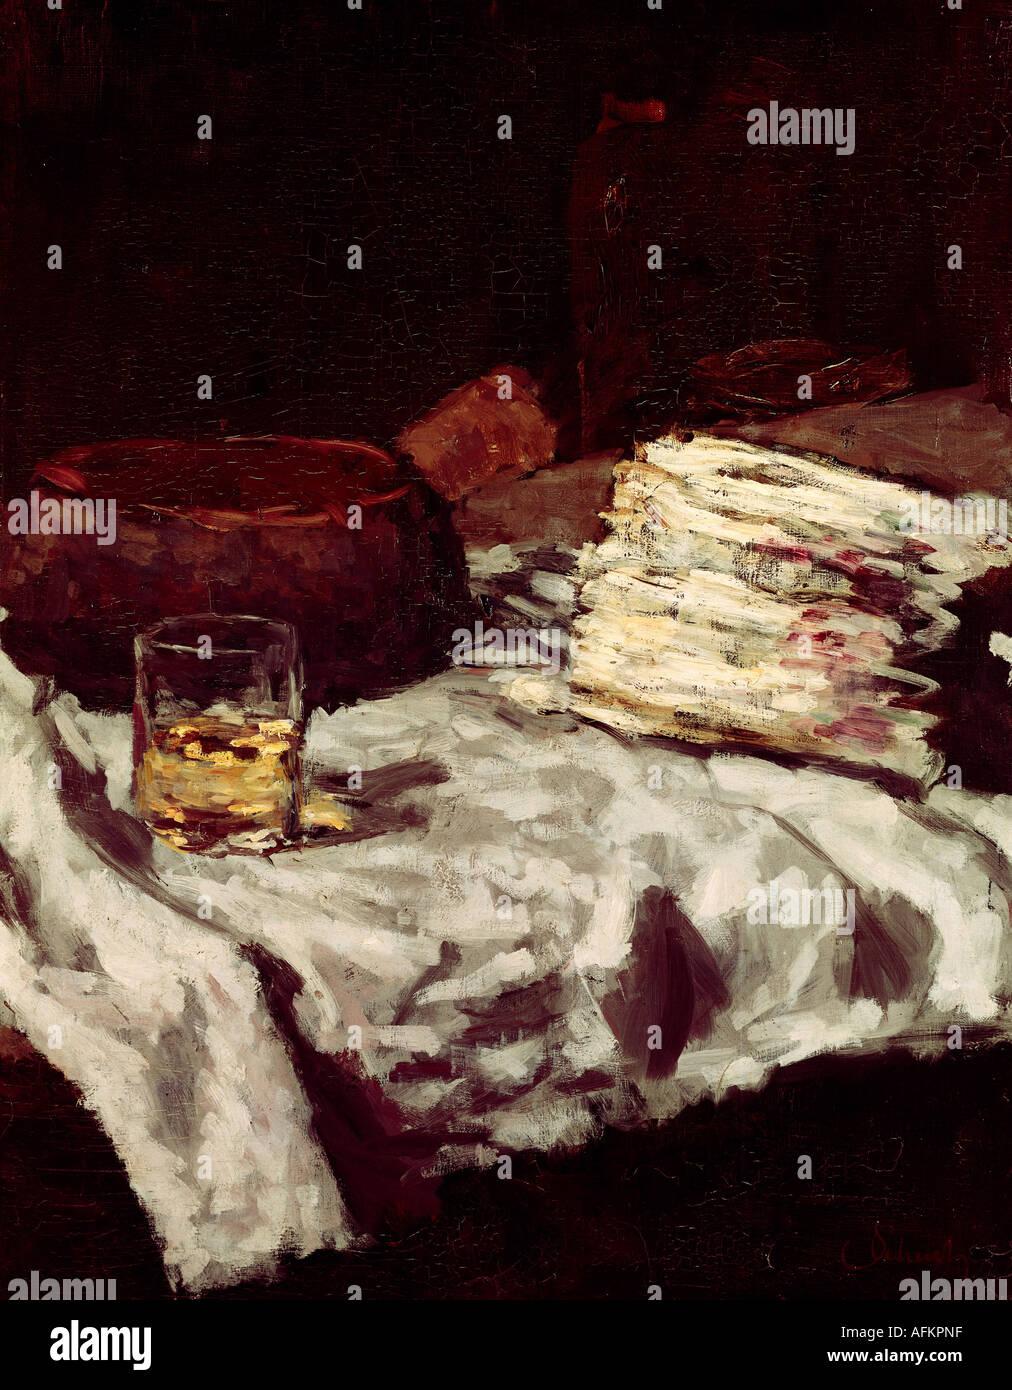 """""""Fine Arts, Schuch, Carl, (30.9.1846 - 13.9.1903), Malerei,""""Stillleben Mit Spargel-"""", ca. 1885, Öl Stockbild"""